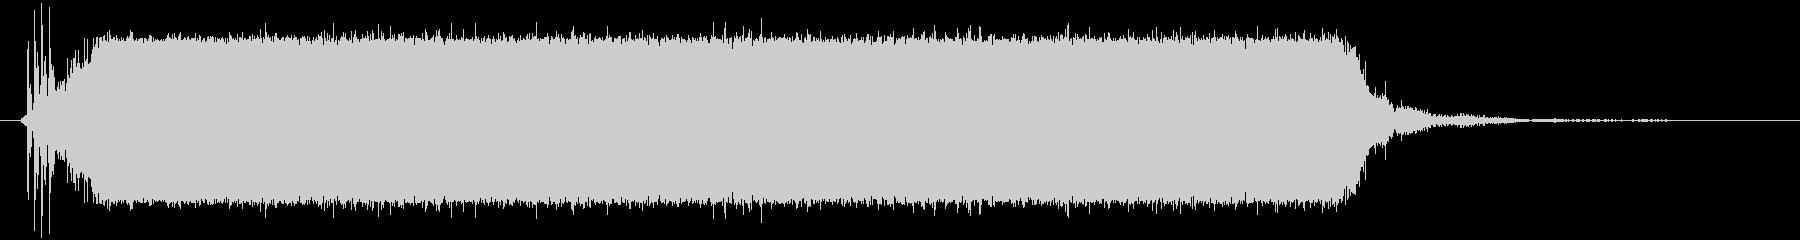 ノイズ スローコードライザー01の未再生の波形